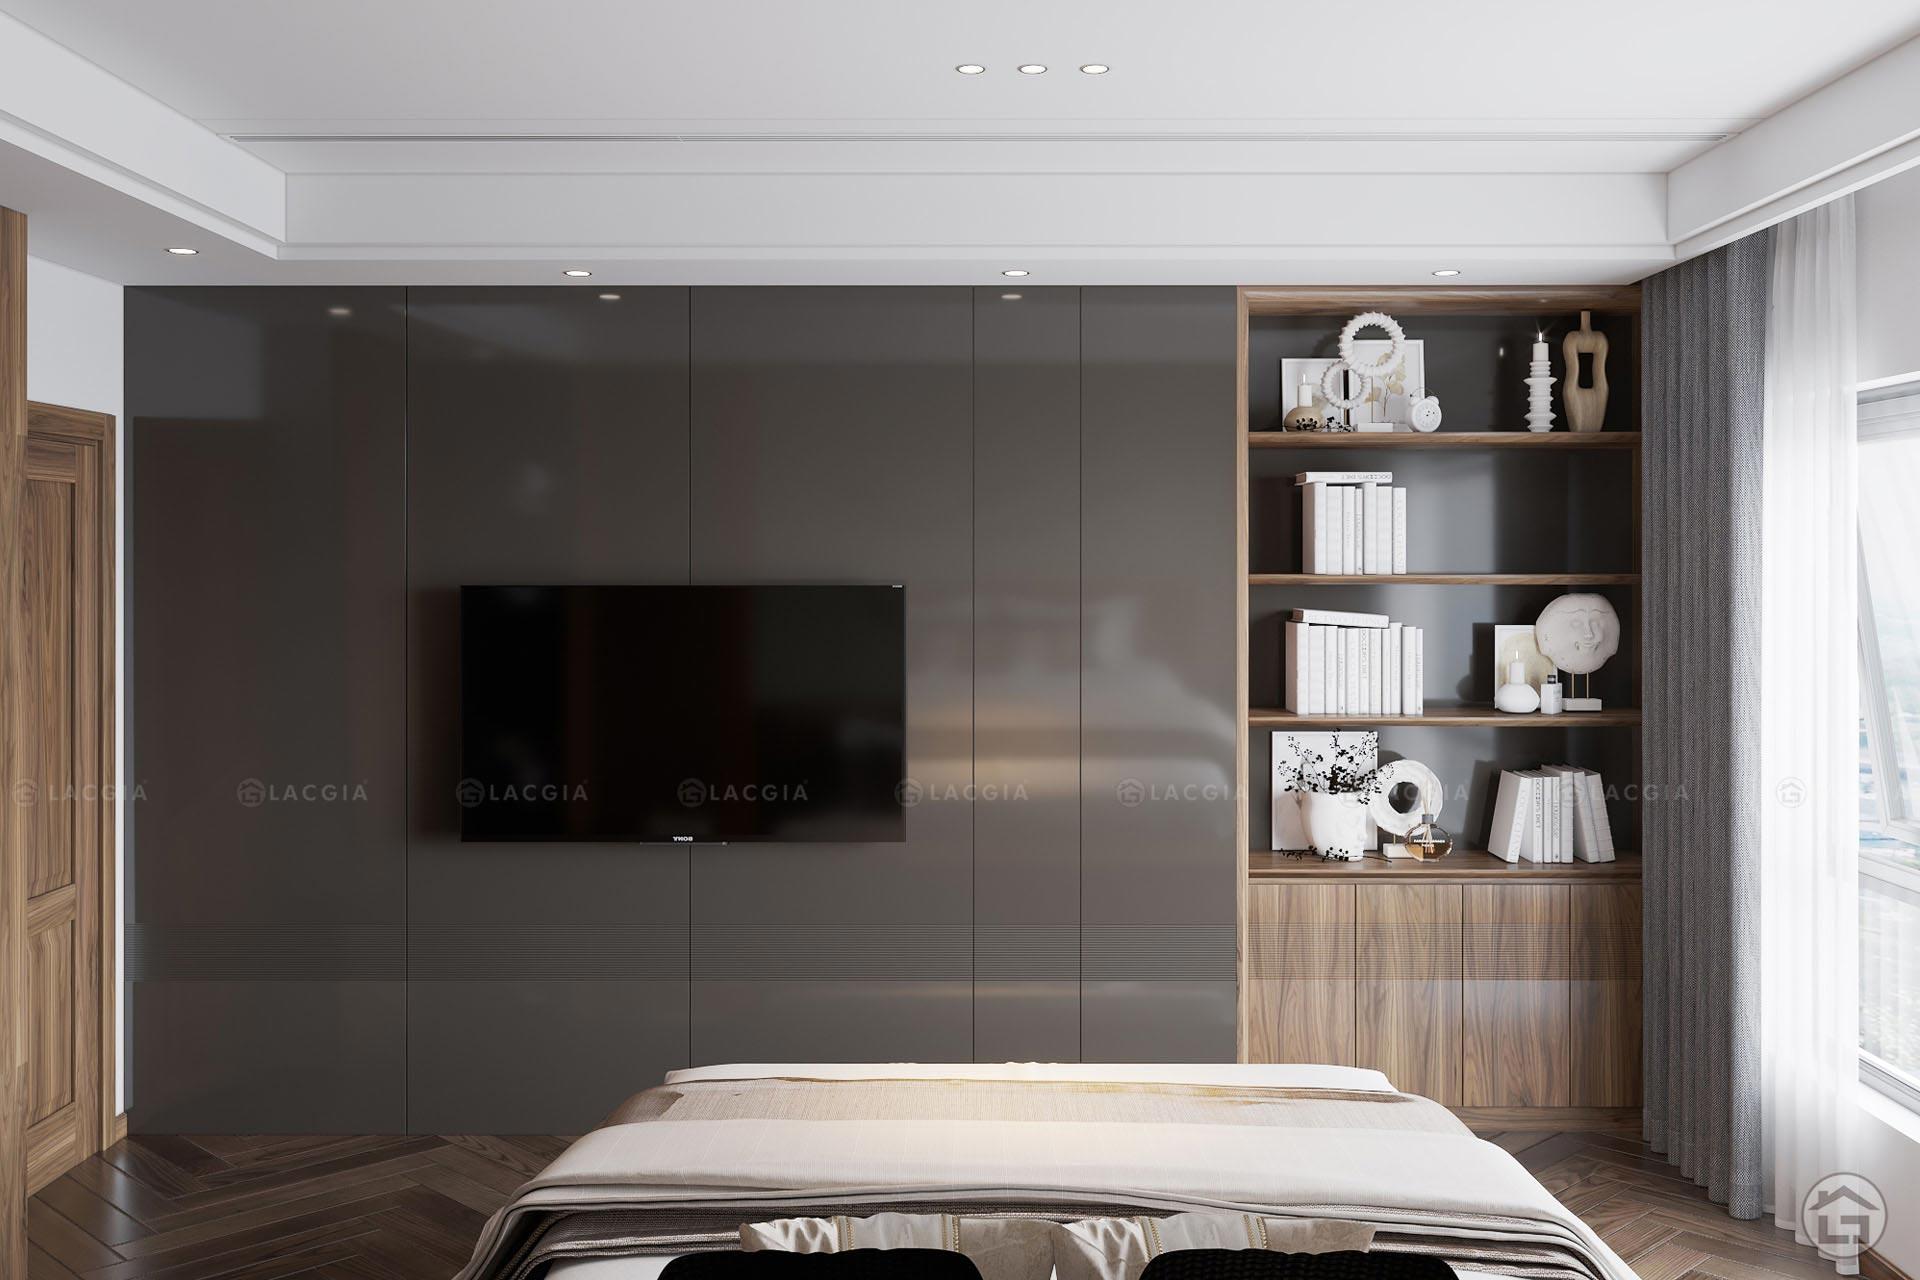 Sắc nâu trầm và trắng đem đến nét tươi mới và ấm cúng cho căn phòng